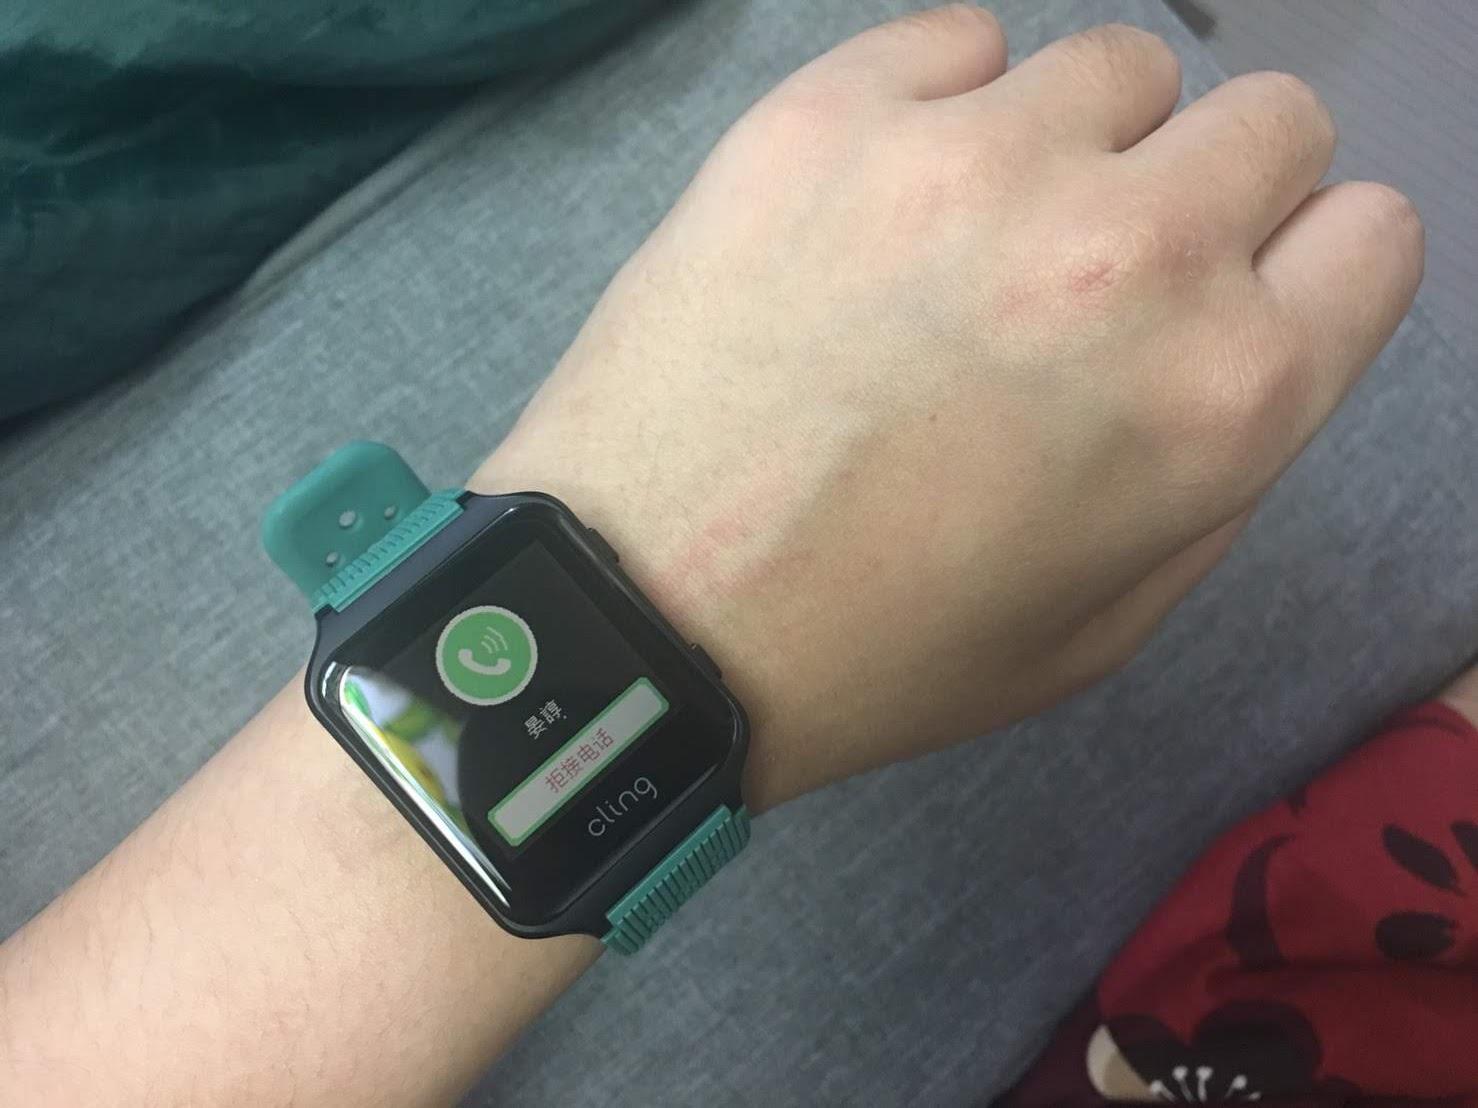 TCRD GPS 智能運動錶-智能推播、路跑健身紀錄、健康管理錶推薦 @秤瓶樂遊遊